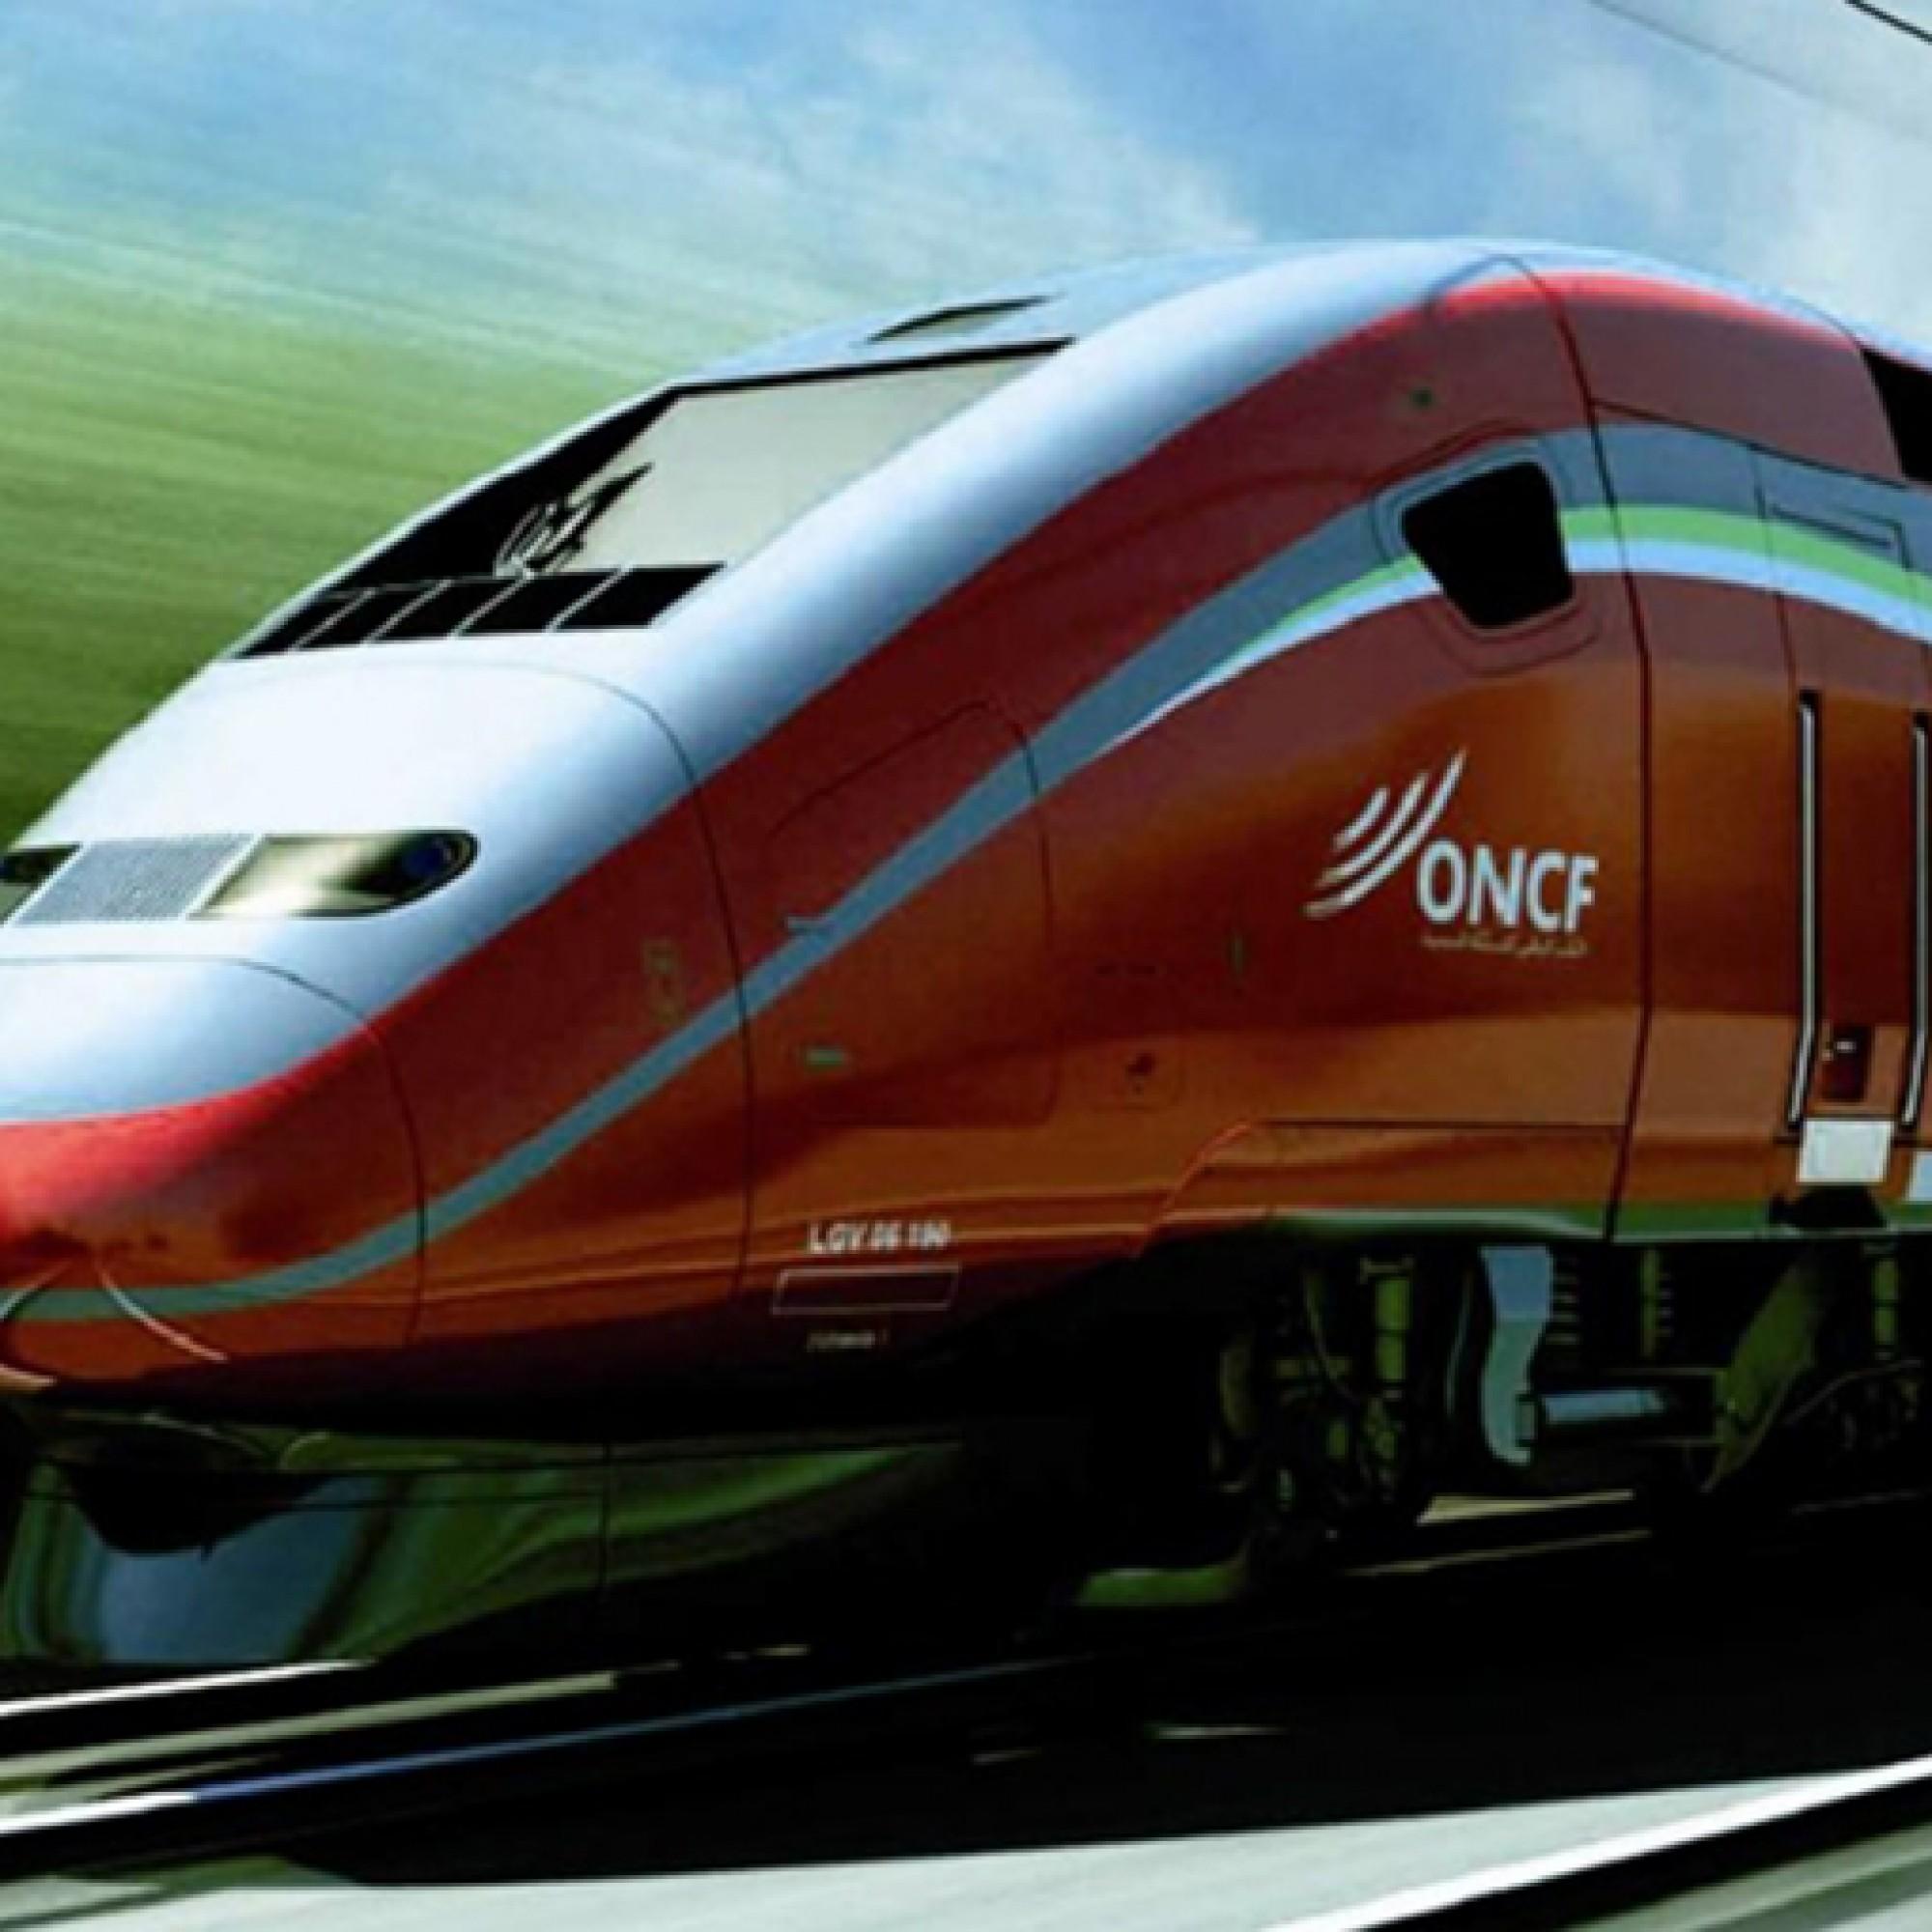 Der zweistöckige, rote TGV Marokkos wird mit 320 Kilometer pro Stunde durch die Wüste rasen. (Bild: wikimedia CC)